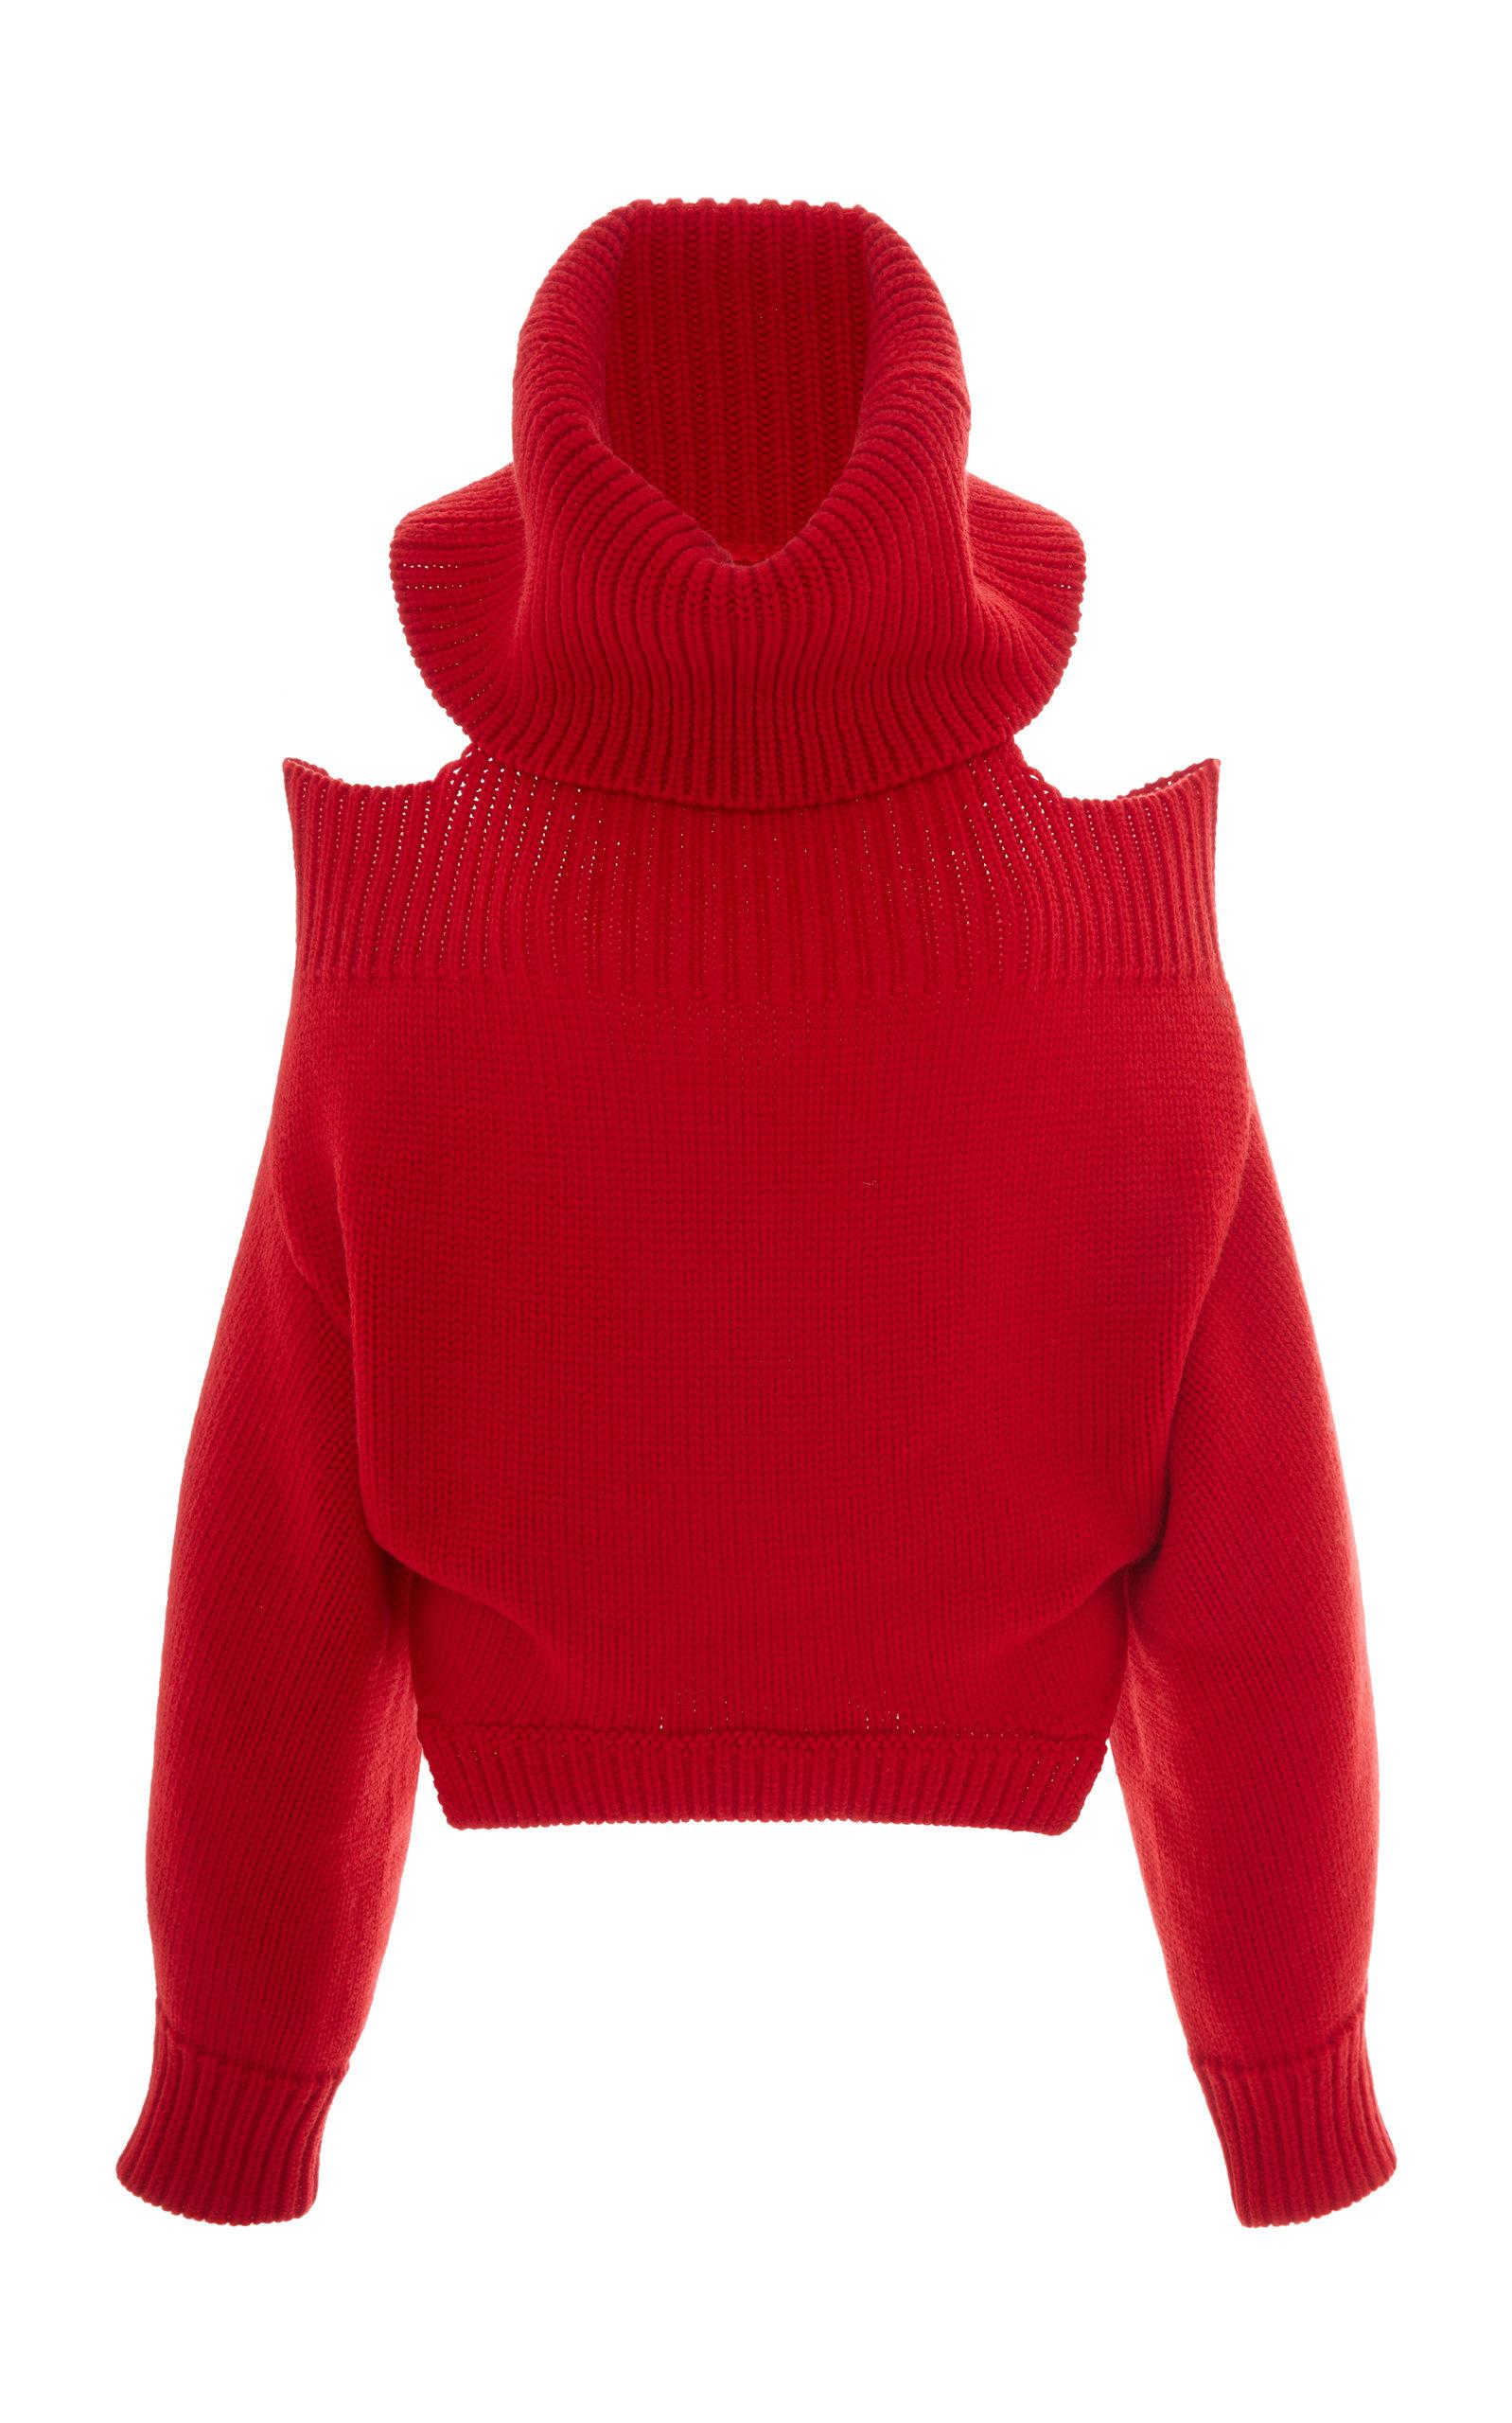 Shop Monse Upside Down Wool Turtleneck Sweater In Red 8e6cb46b8